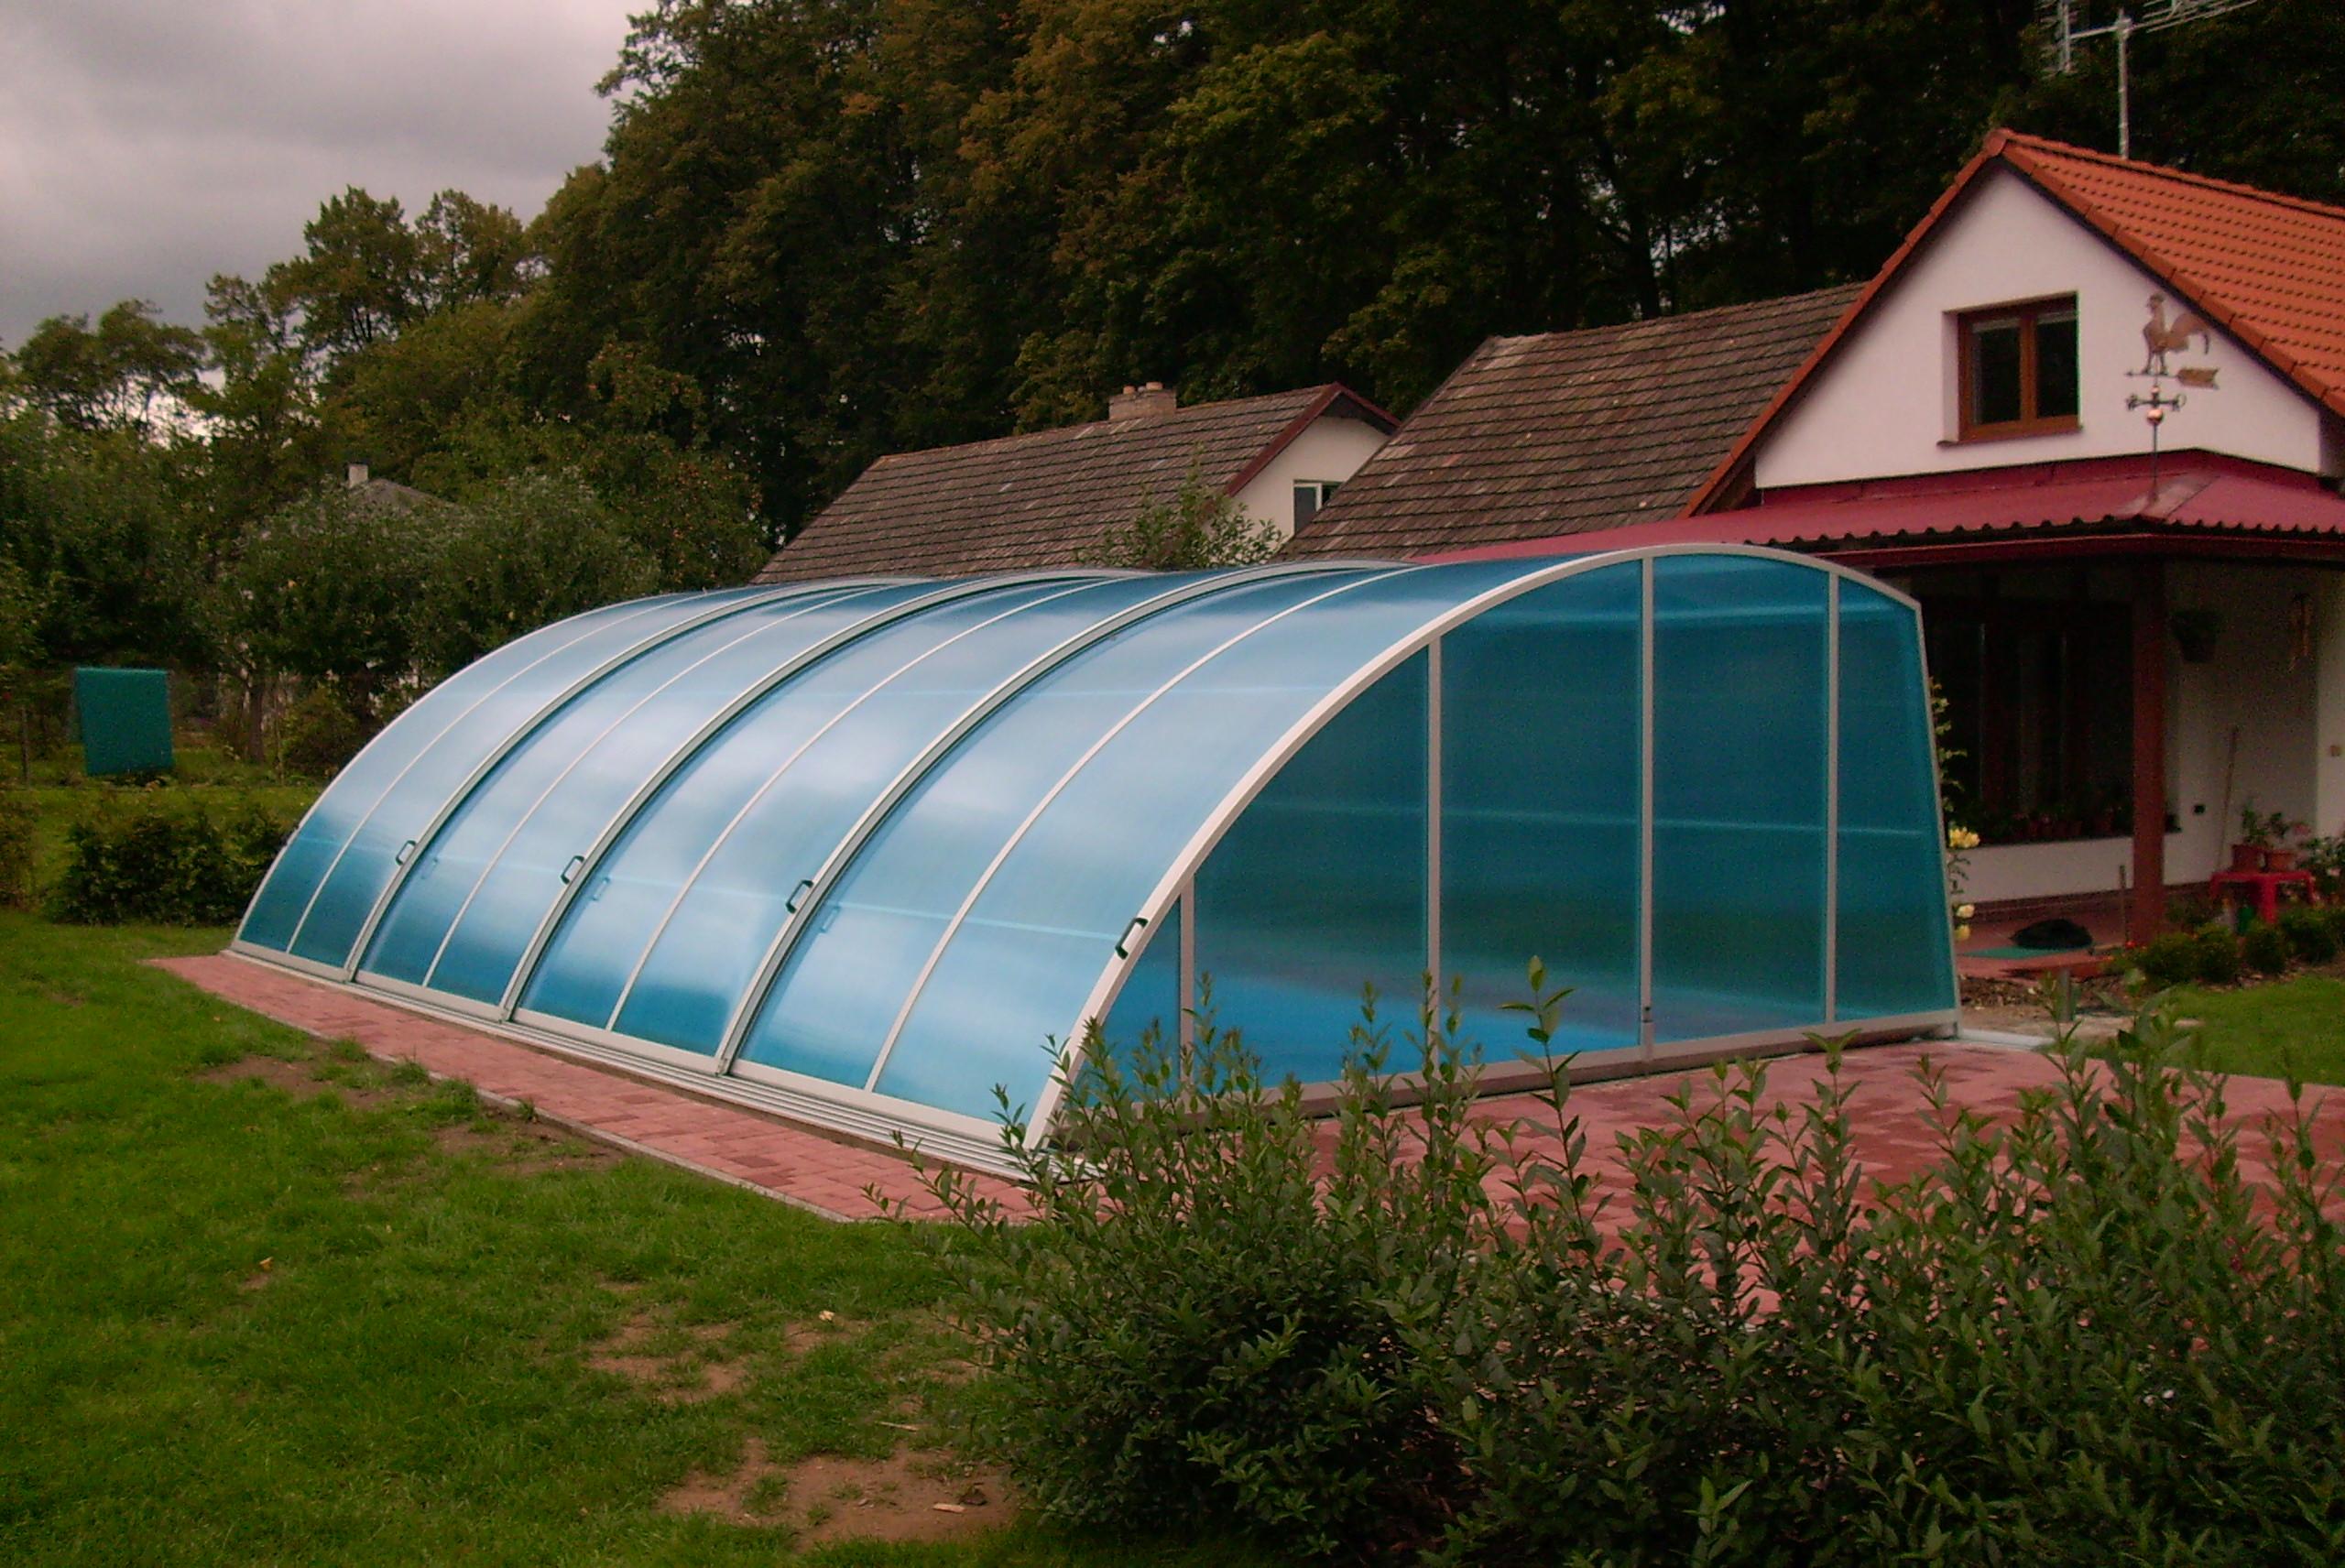 Zastřešení bazénu zvyšuje bezpečnost, prodlužuje koupací sezónu a snižuje náklady